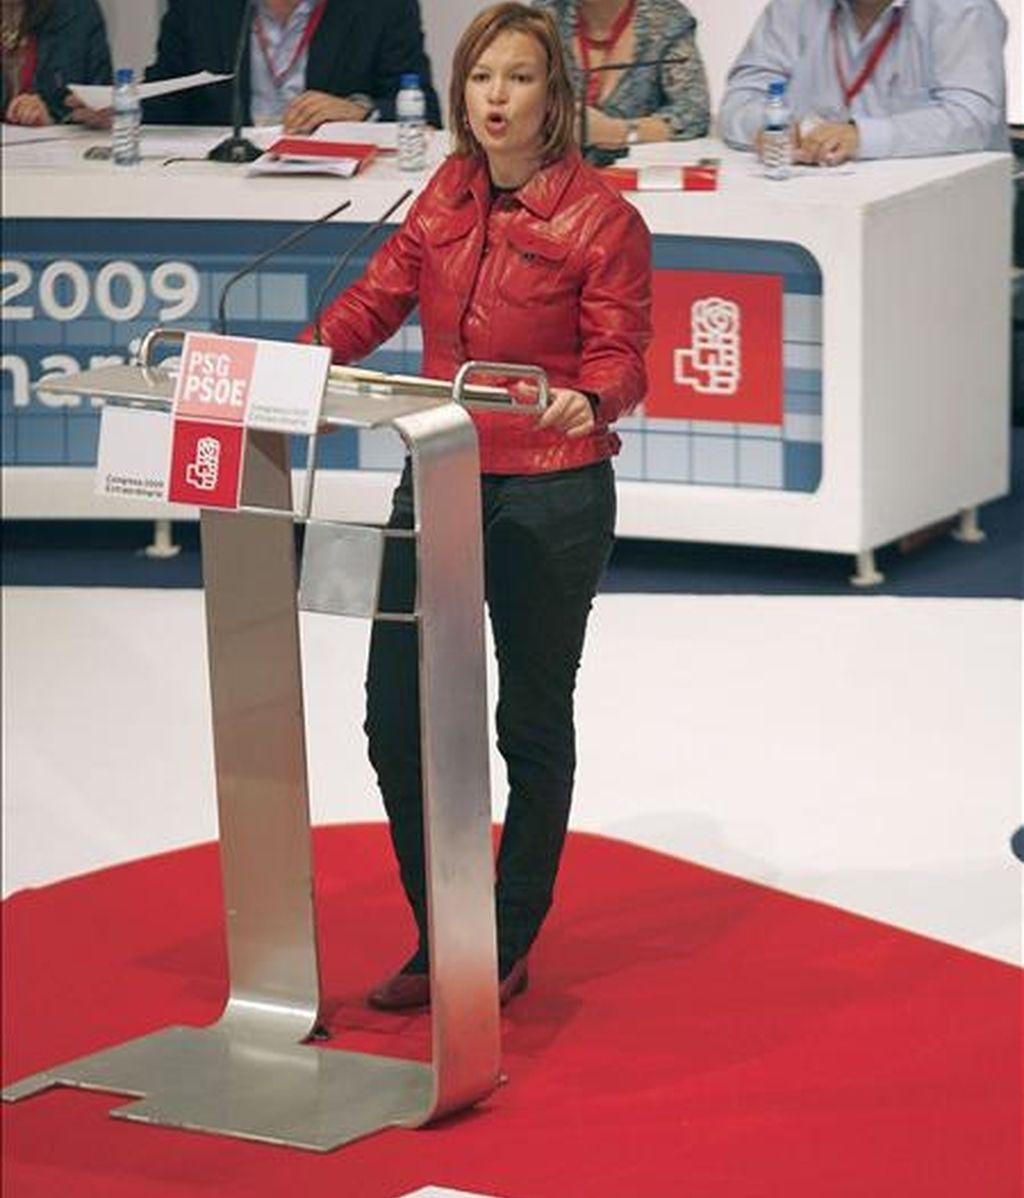 La secretaria de organización del PSOE, Leire Pajín, durante su intervención en el Congreso extraordinario del PSdeG-PSOE celebrado hoy en Pontevedra para elegir a su nuevo secretario general. EFE